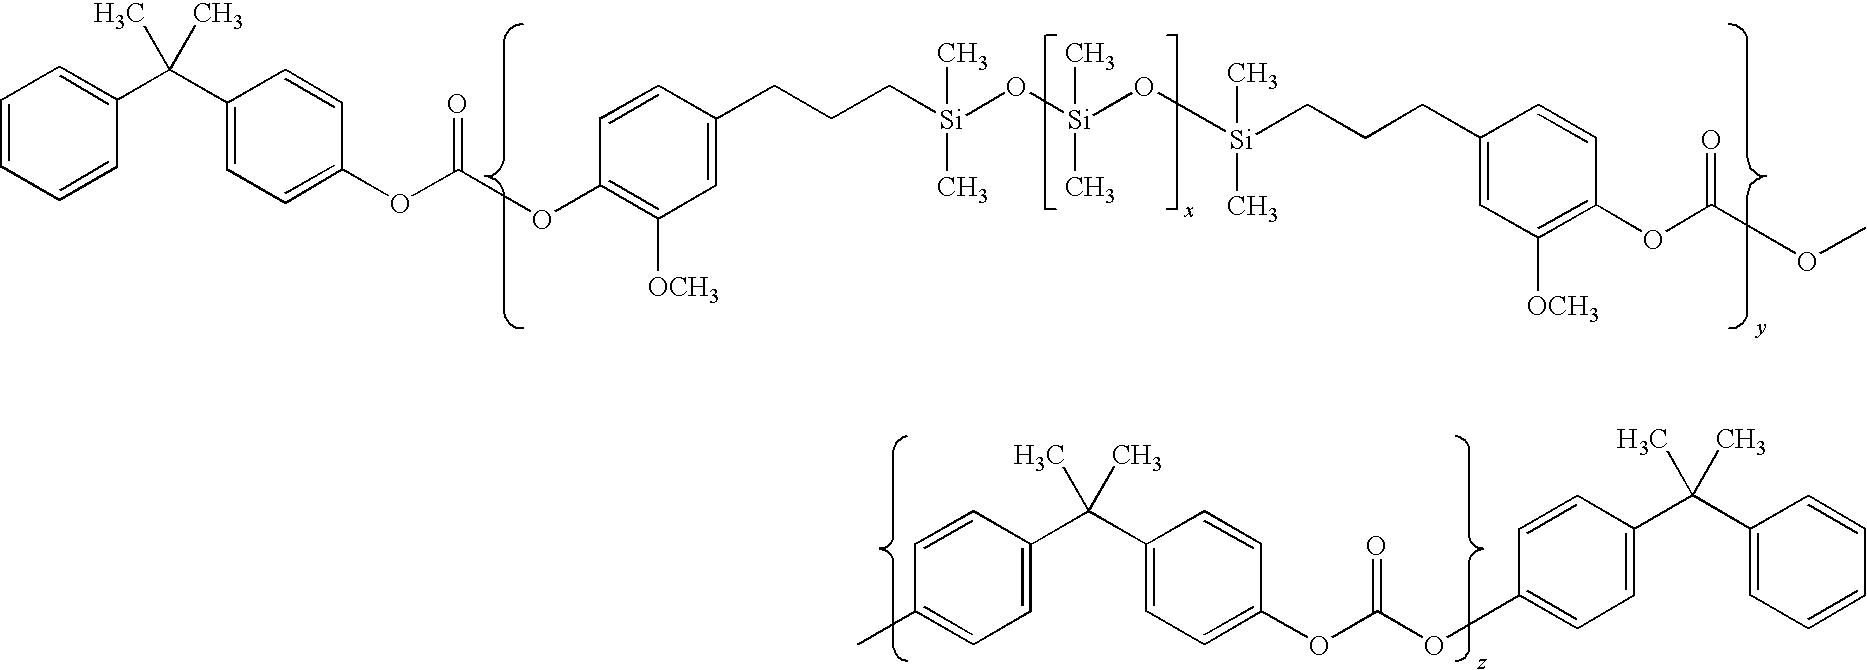 Figure US07943278-20110517-C00012